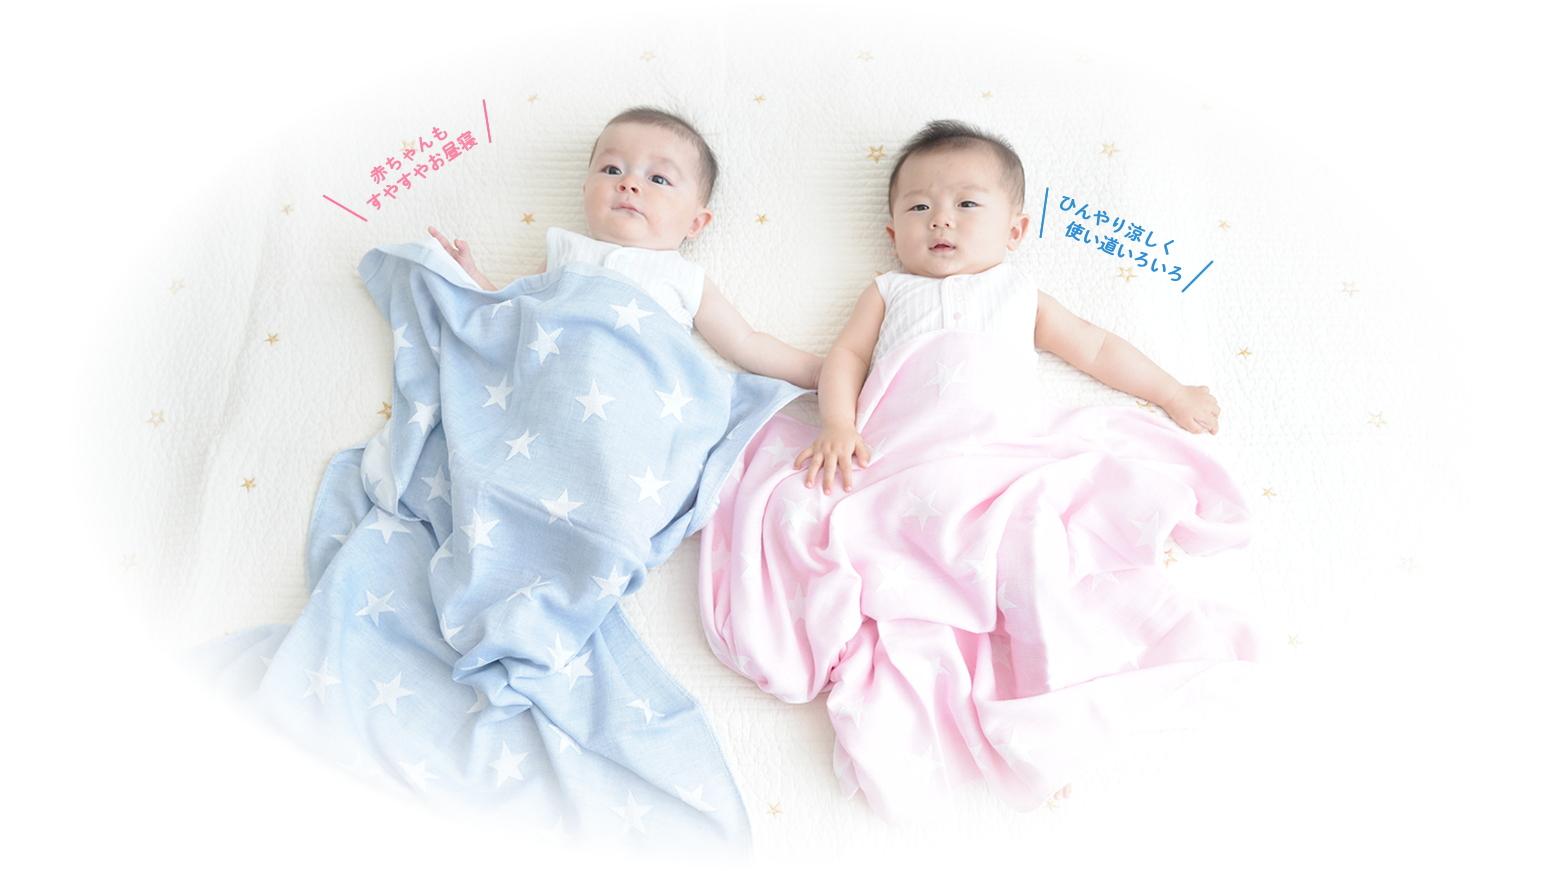 さらさら、ひんやり。接触冷感で快適な眠りへ。赤ちゃんやお子さまのお昼寝、クーラーで体を冷やしたくないママ、妊婦さんのひざ掛けやベビーケープにも最適なEco de® クール『クールブランケット』